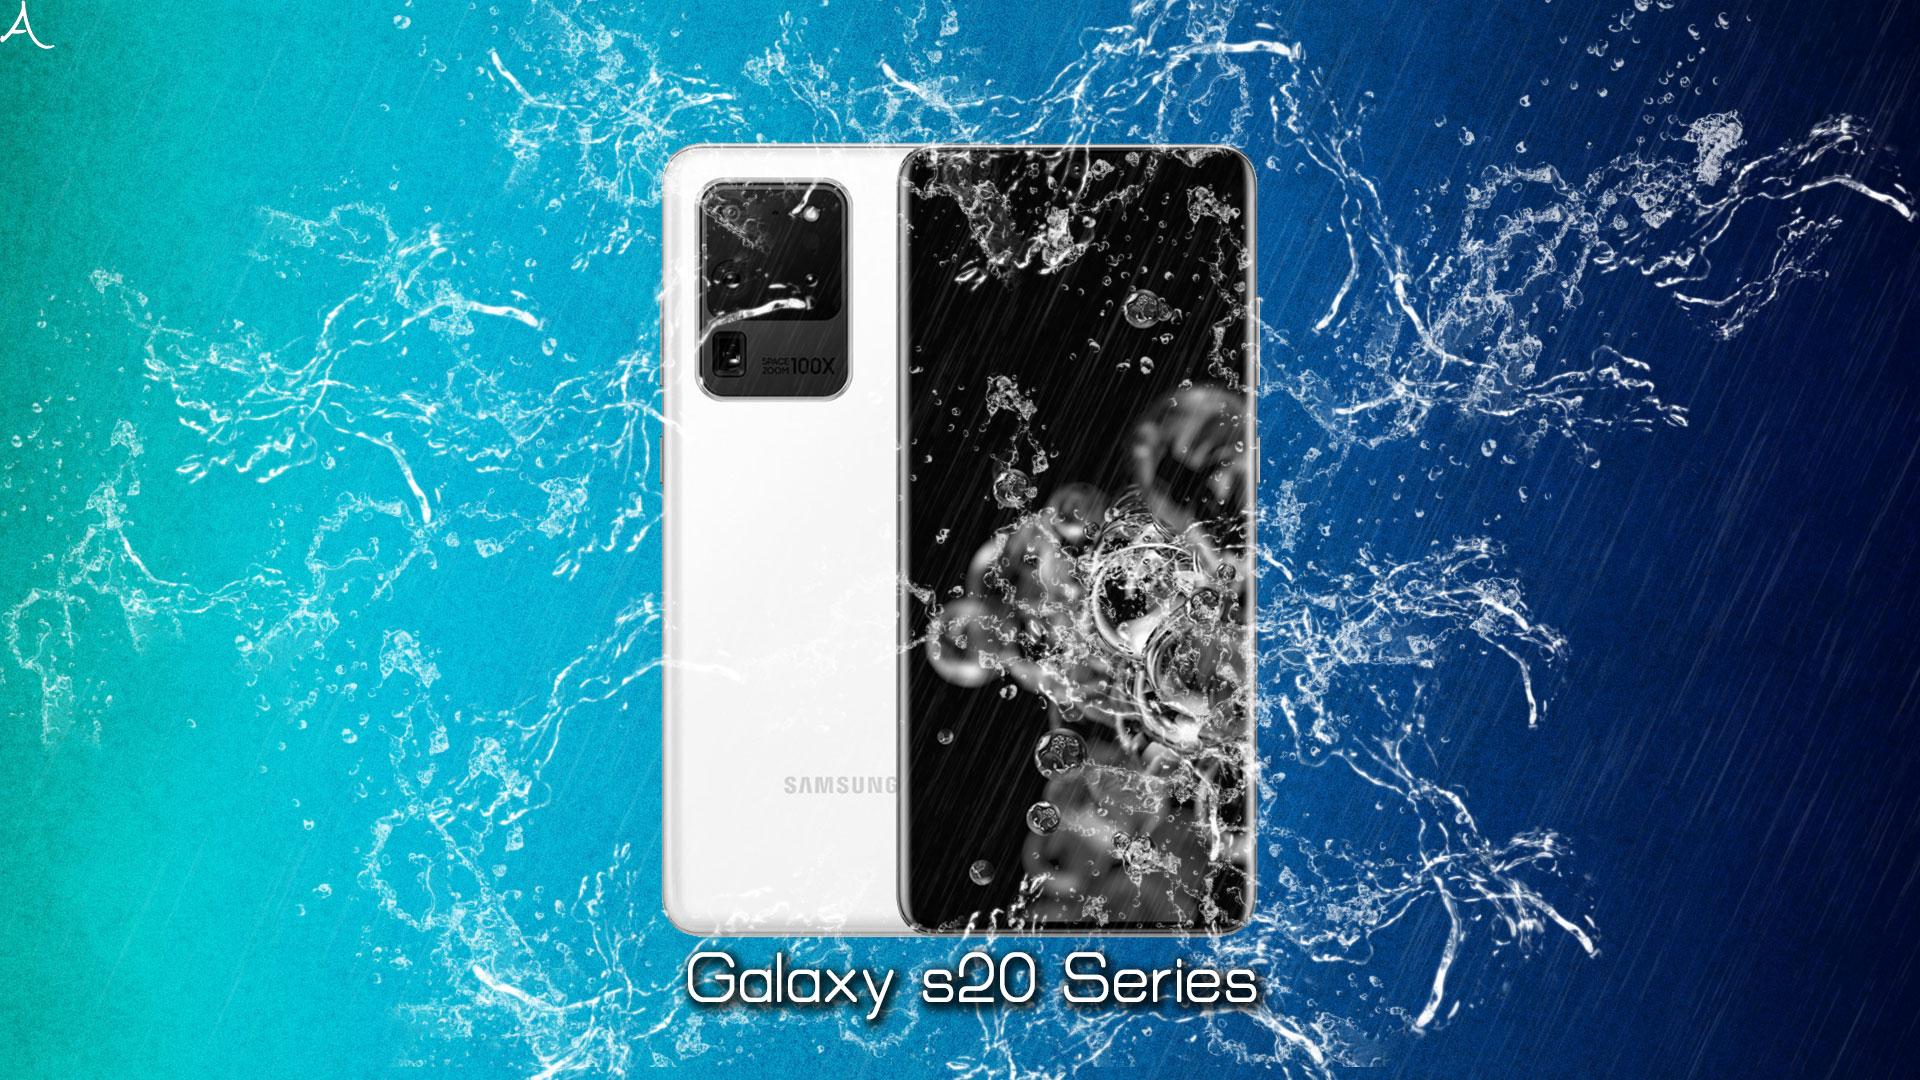 「Galaxy S20」の防水性能ってどれくらい?「IP68」って何?